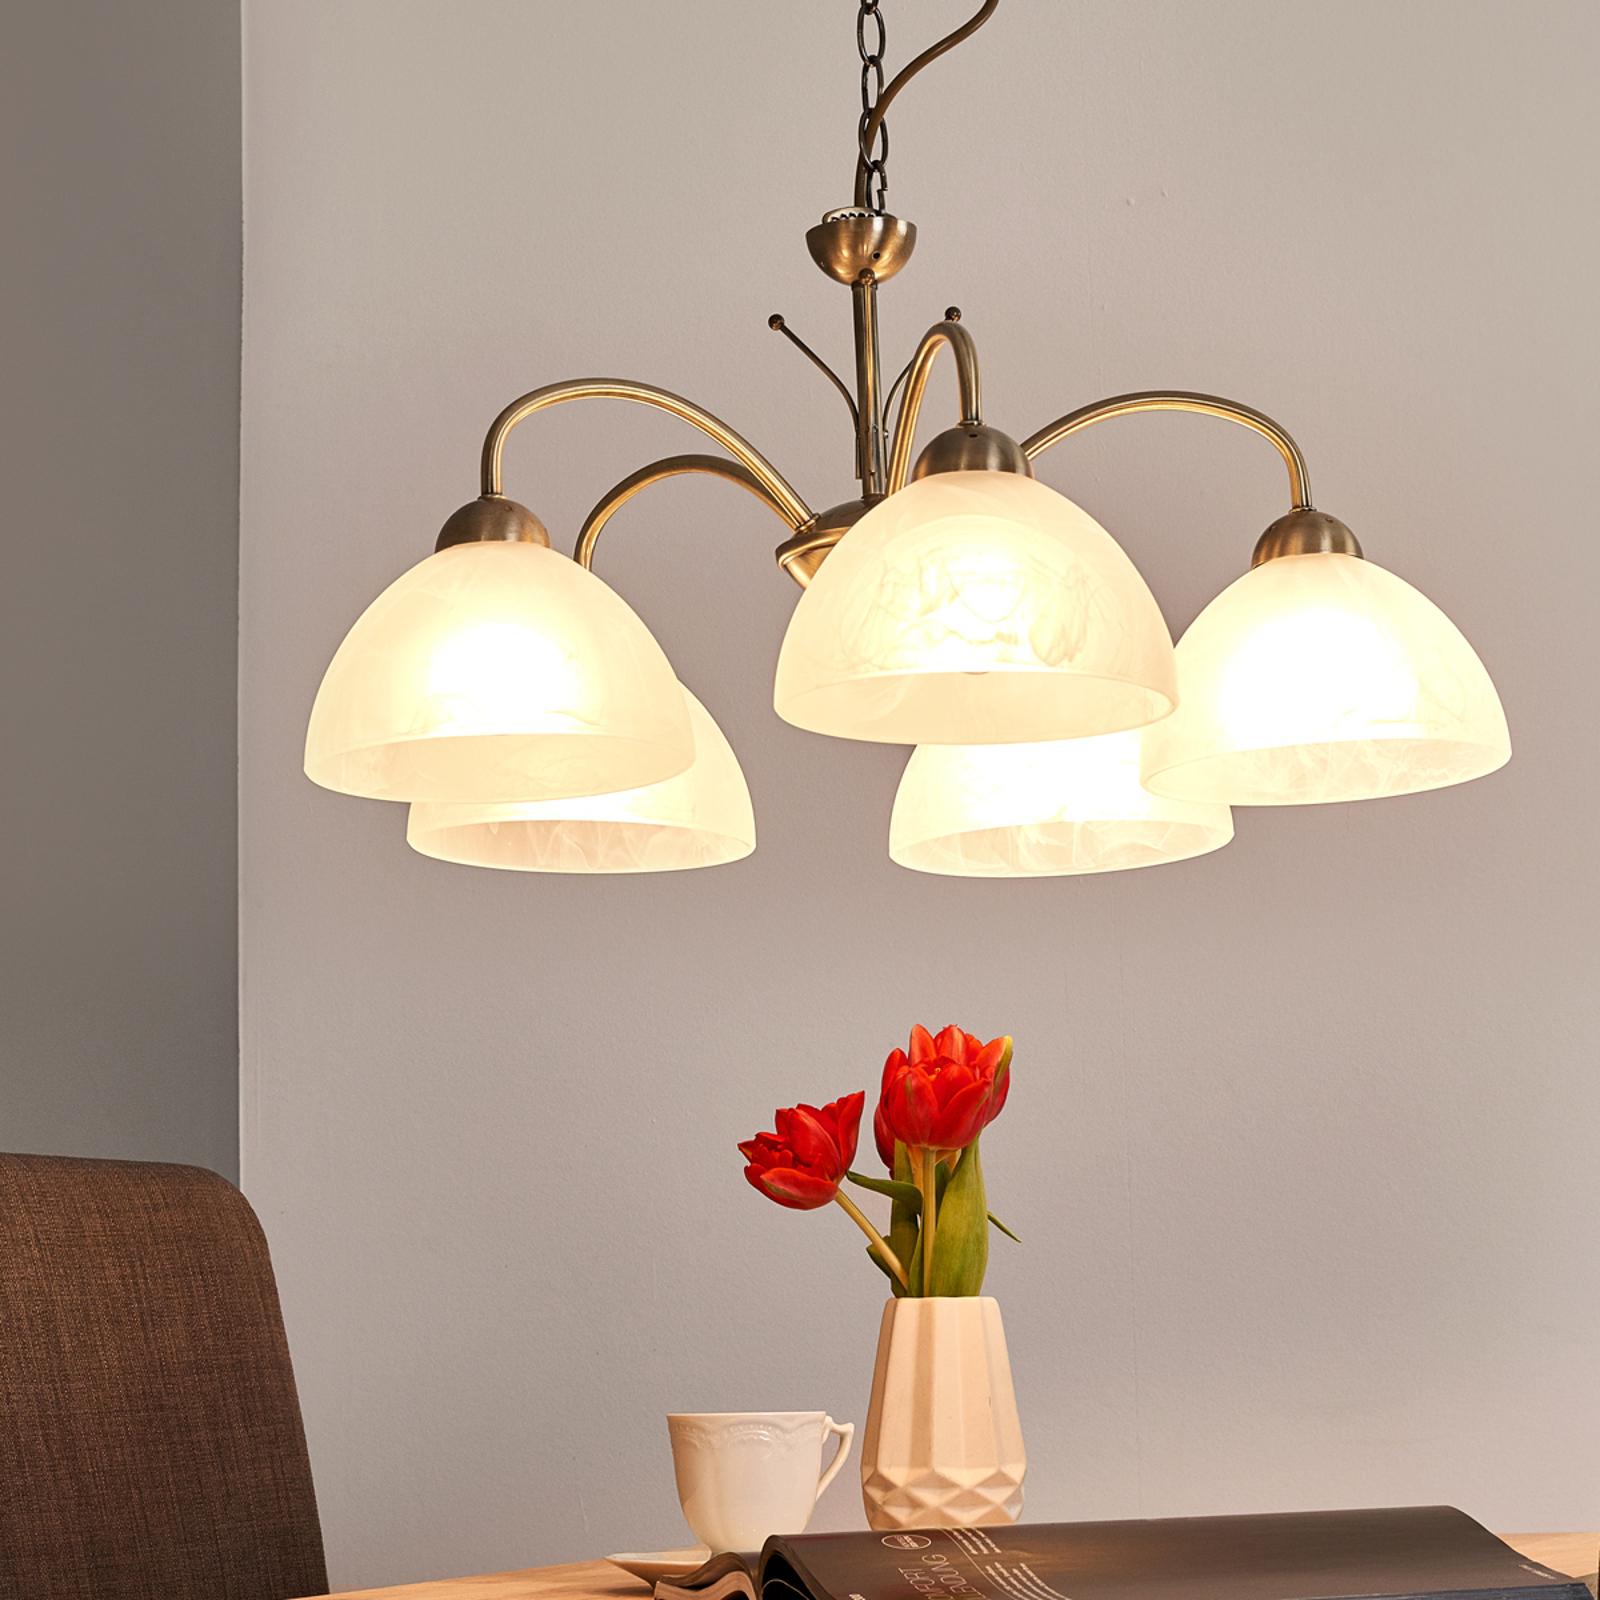 Klassieke hanglamp MILANESE, 5-lichts, oud-messing